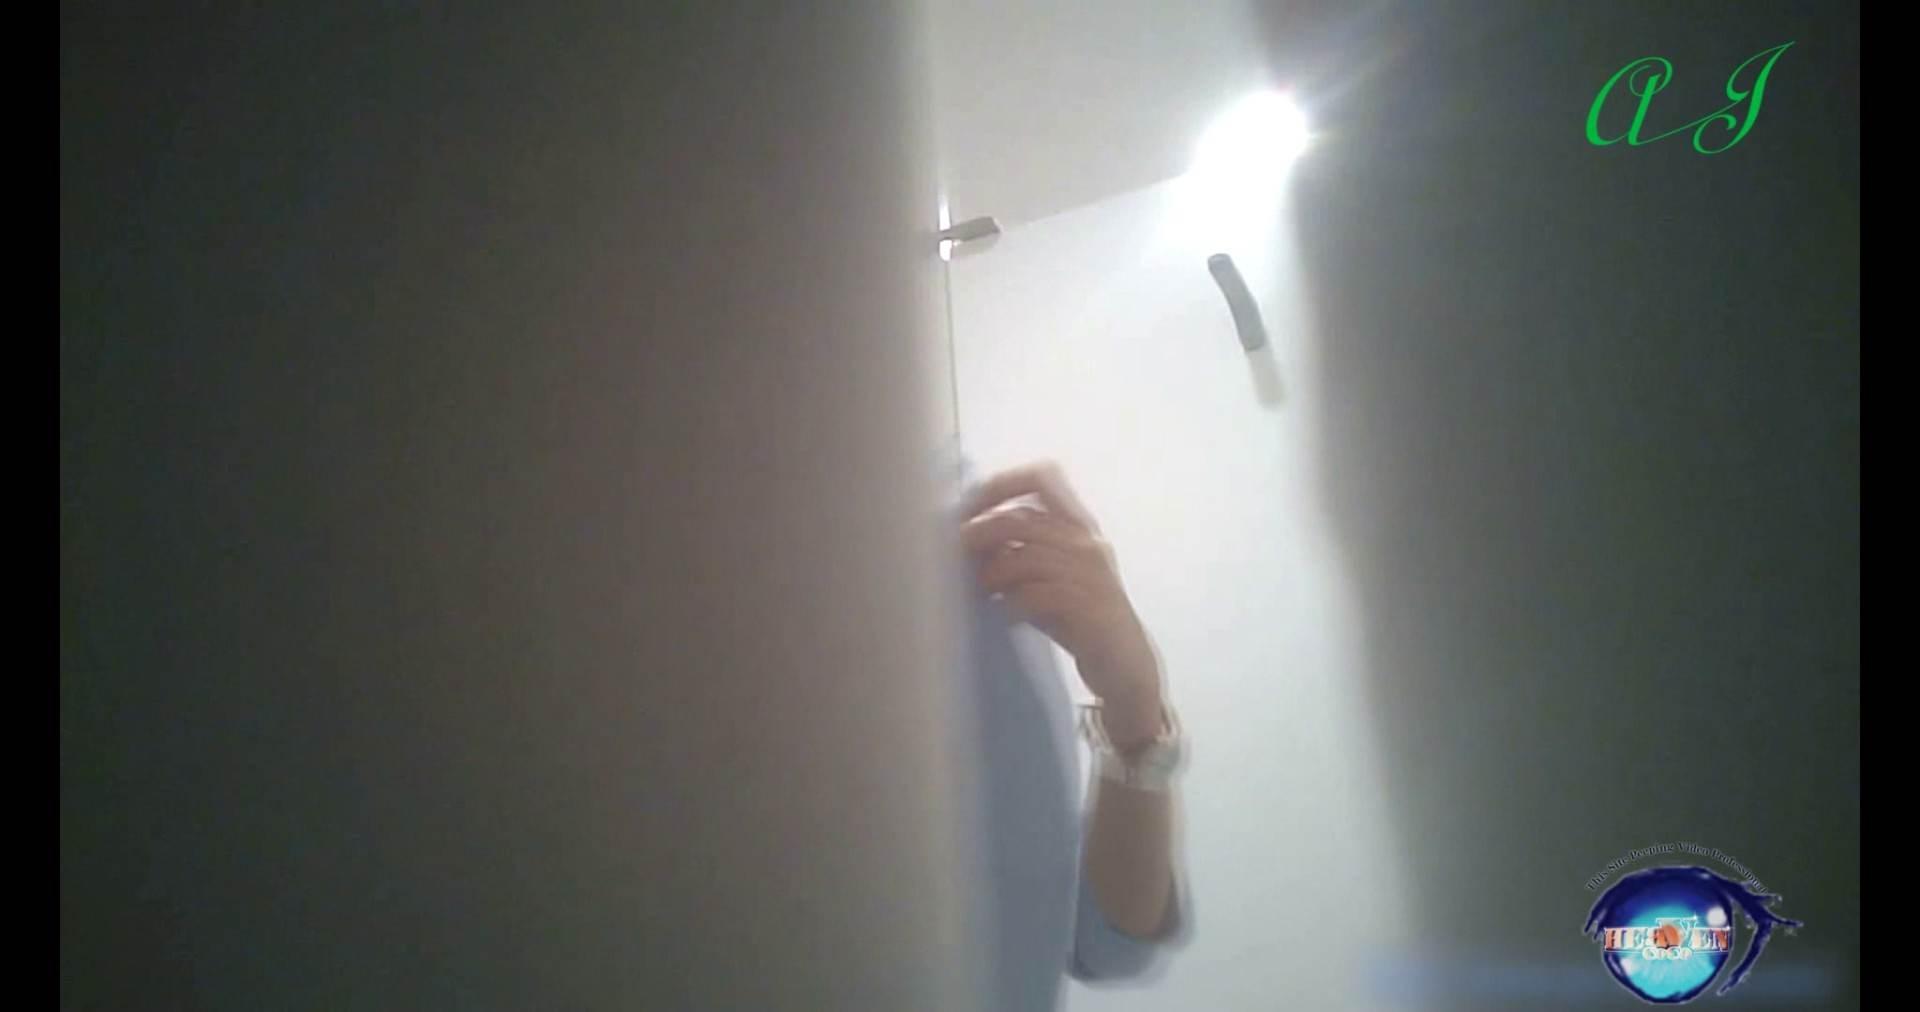 素敵なパンストお姉さん 有名大学女性洗面所 vol.73 OLセックス 隠し撮りAV無料 72画像 20